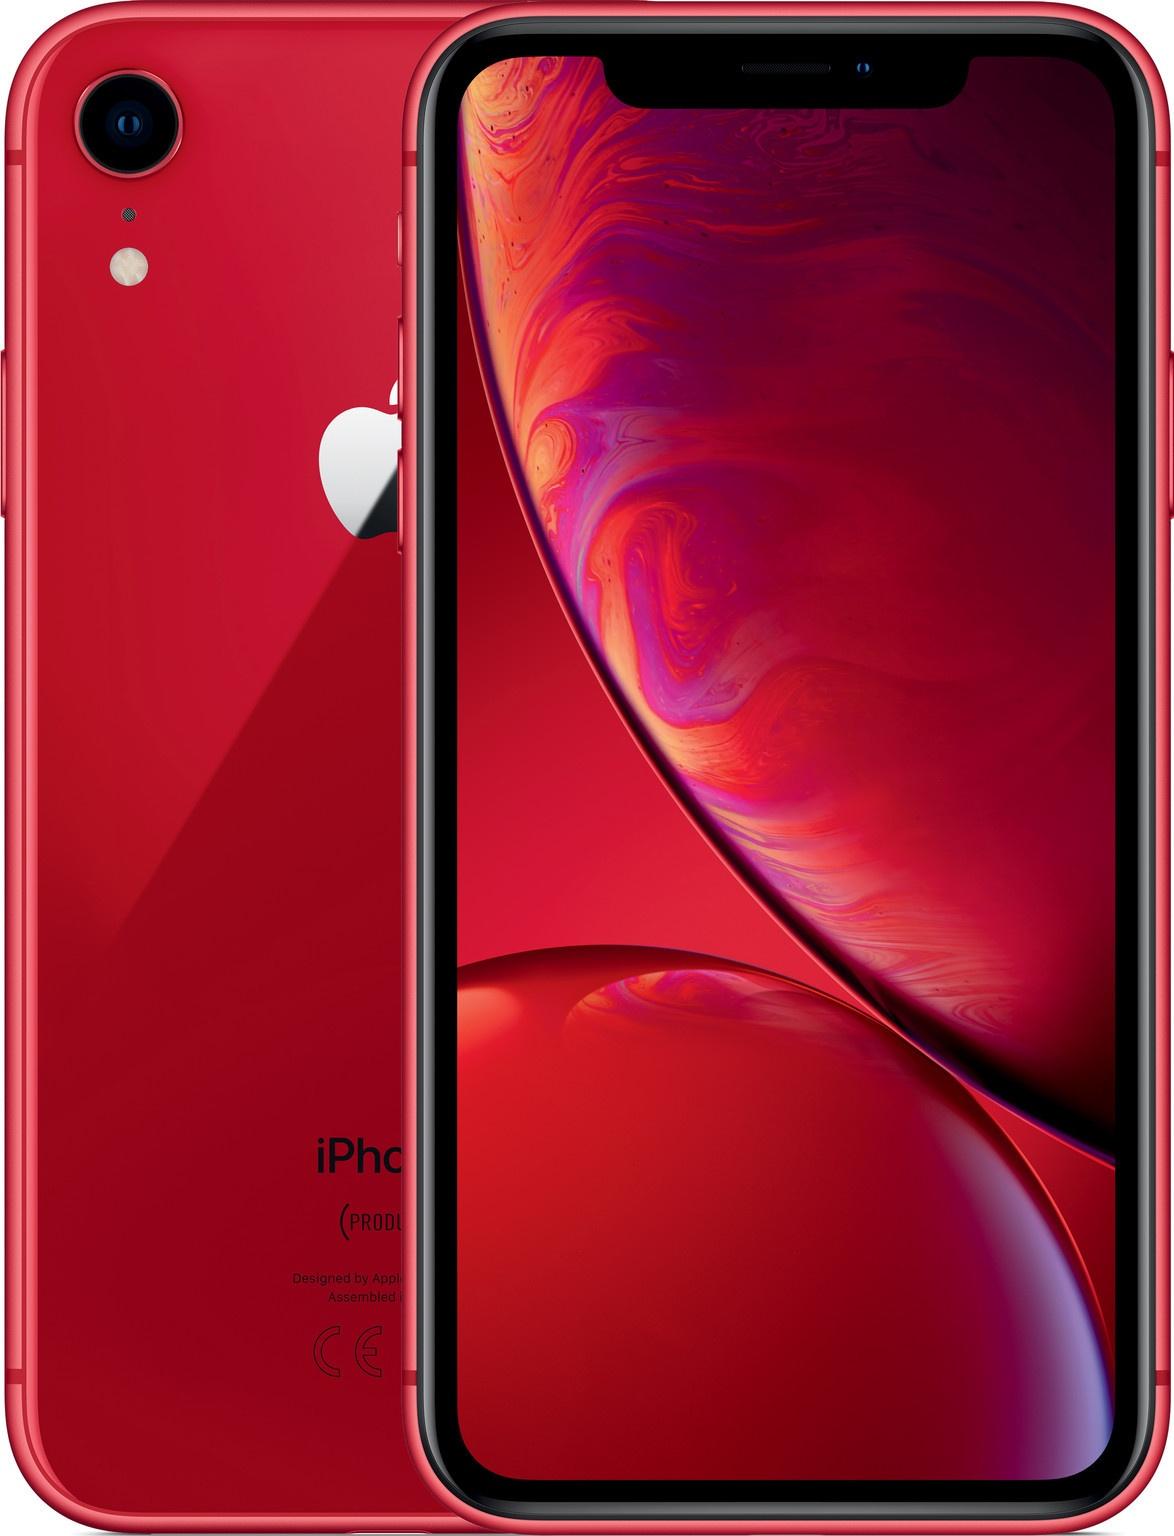 Apple iPhone XR 128GB Rood - Prijzen - Tweakers